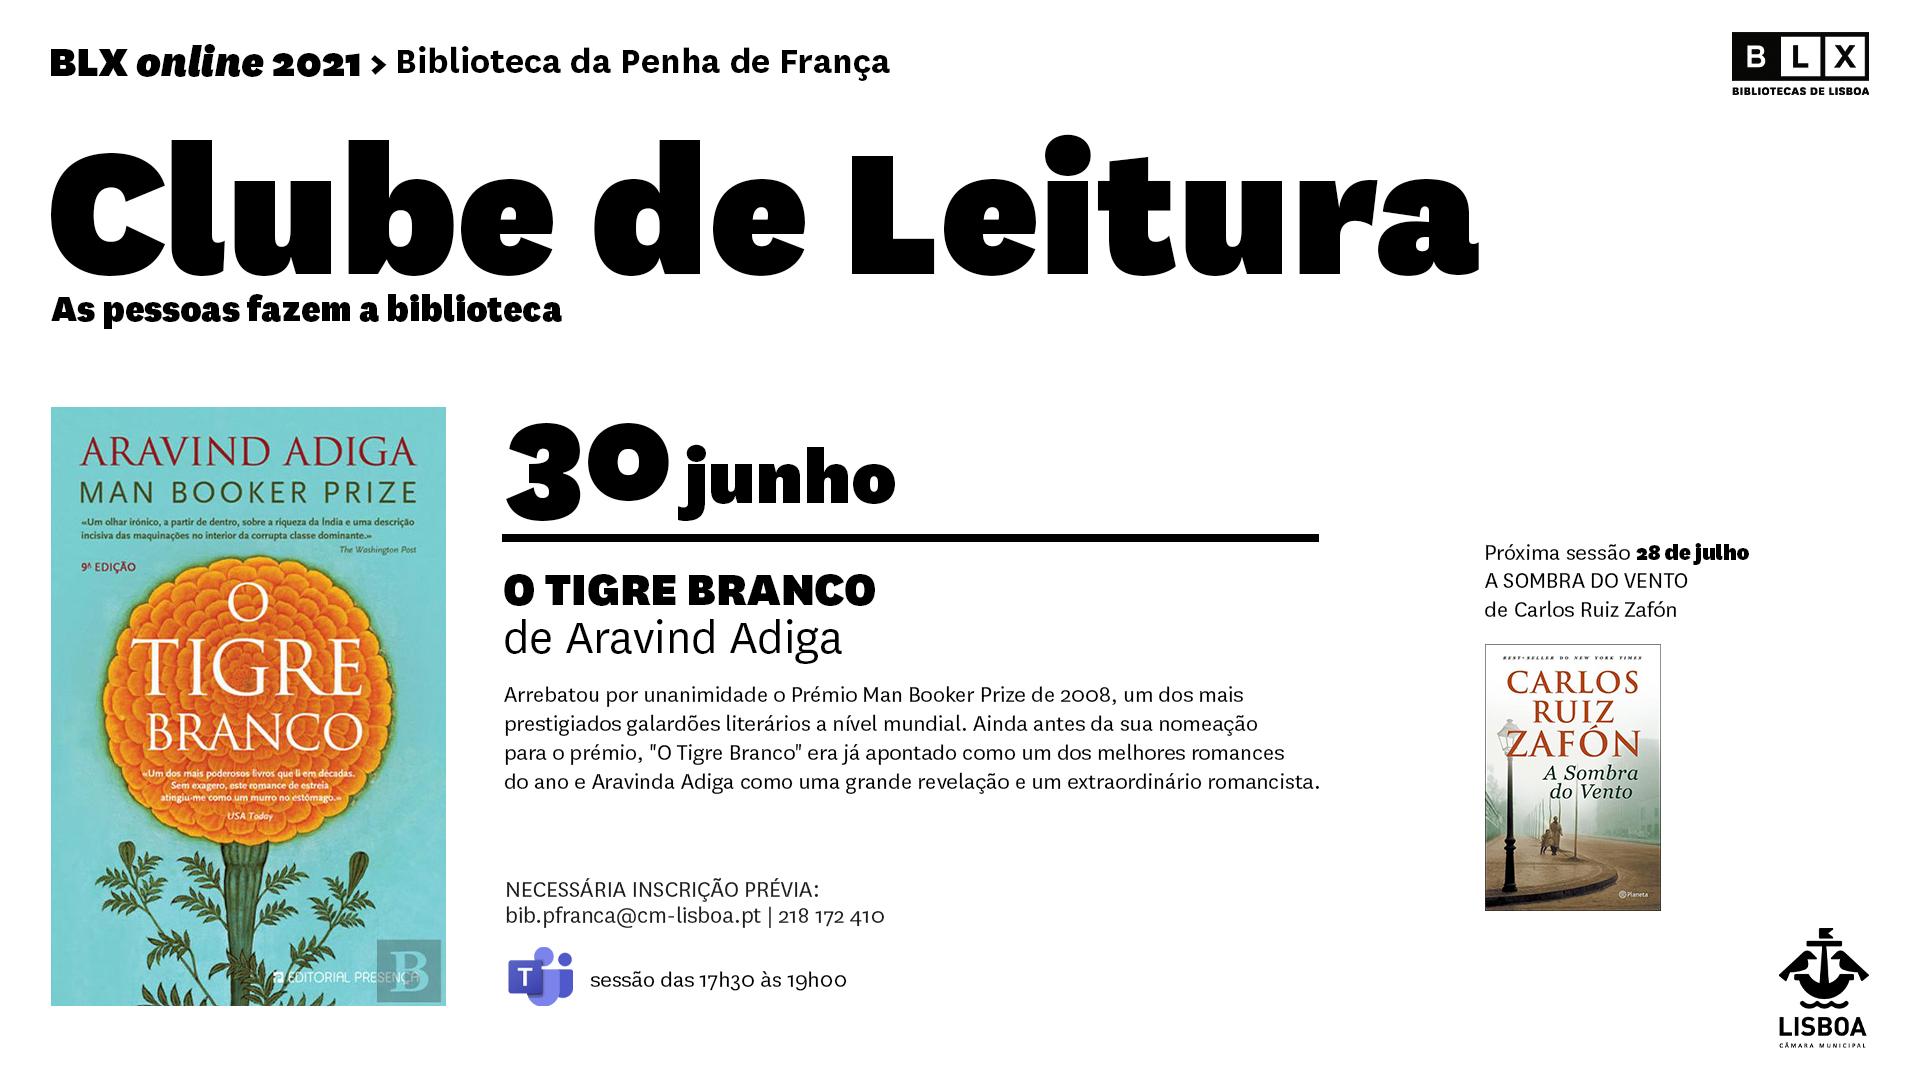 Clube de Leitura da Biblioteca Penha de França (online)